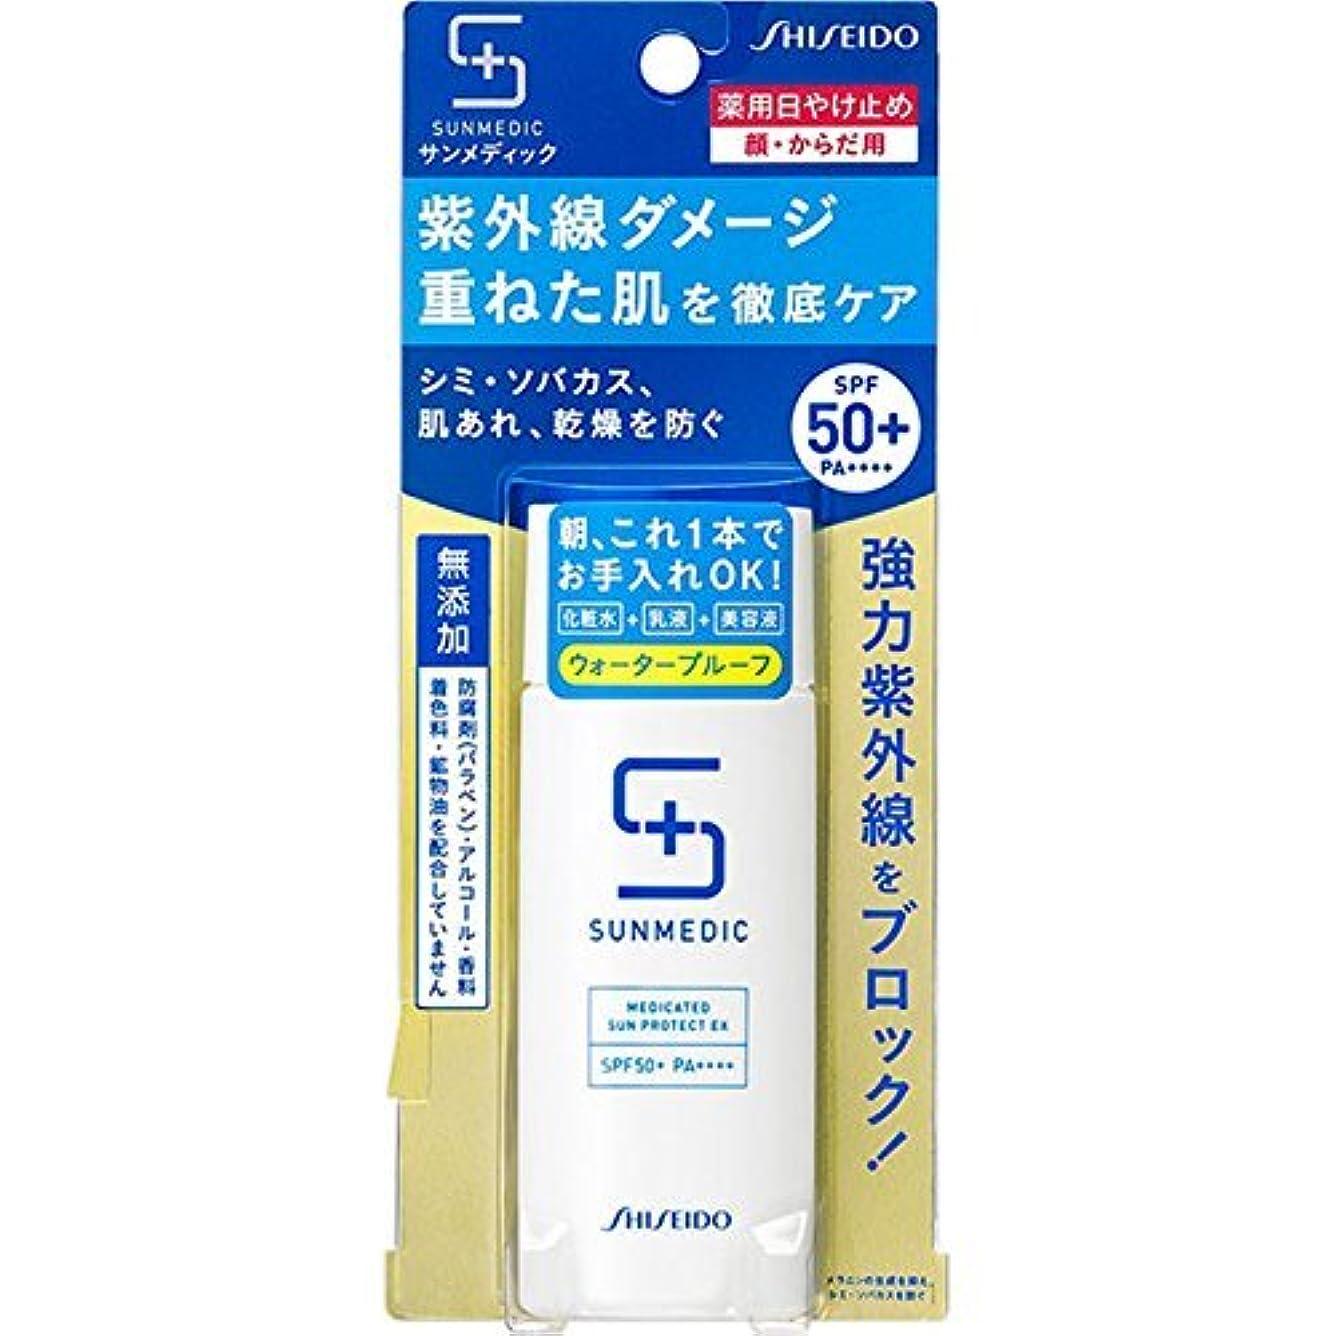 事業内容シャベル光MK サンメディックUV 薬用サンプロテクトEX 50mL (医薬部外品)